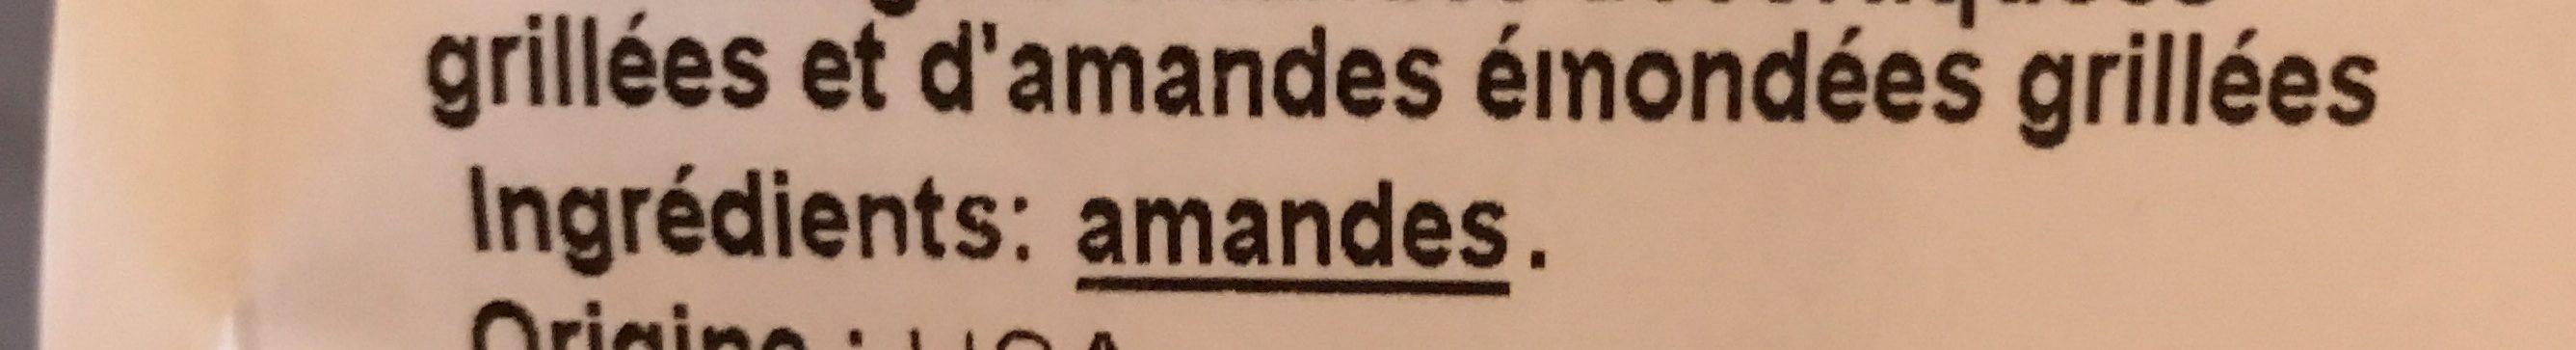 Duo amandes grillées sans sel ajoutés - Ingrédients - fr